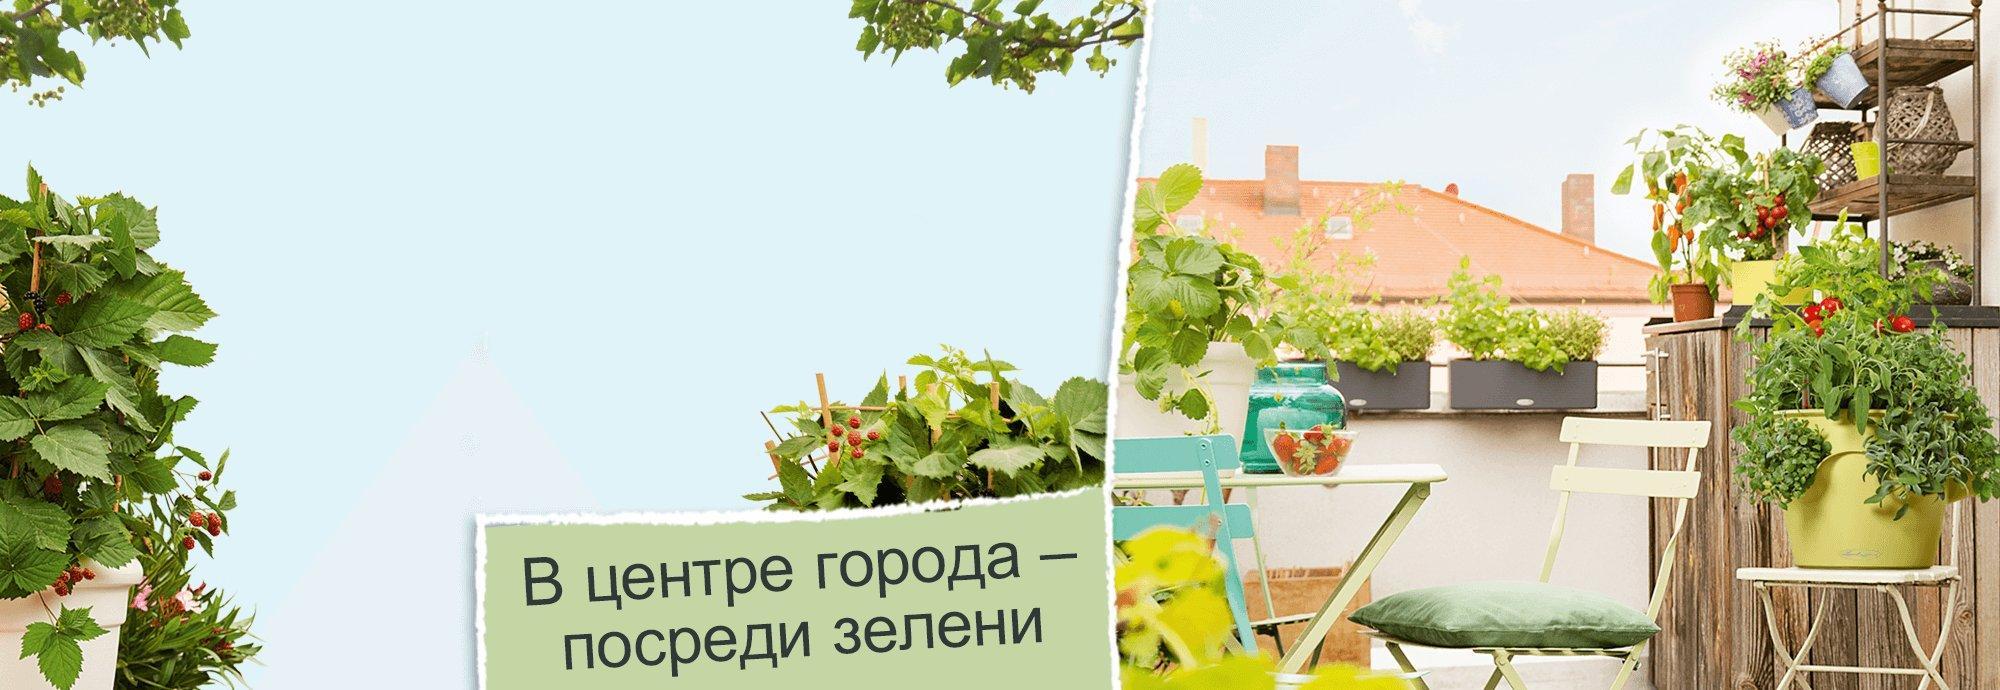 hero_banner_urban_gardening_ru